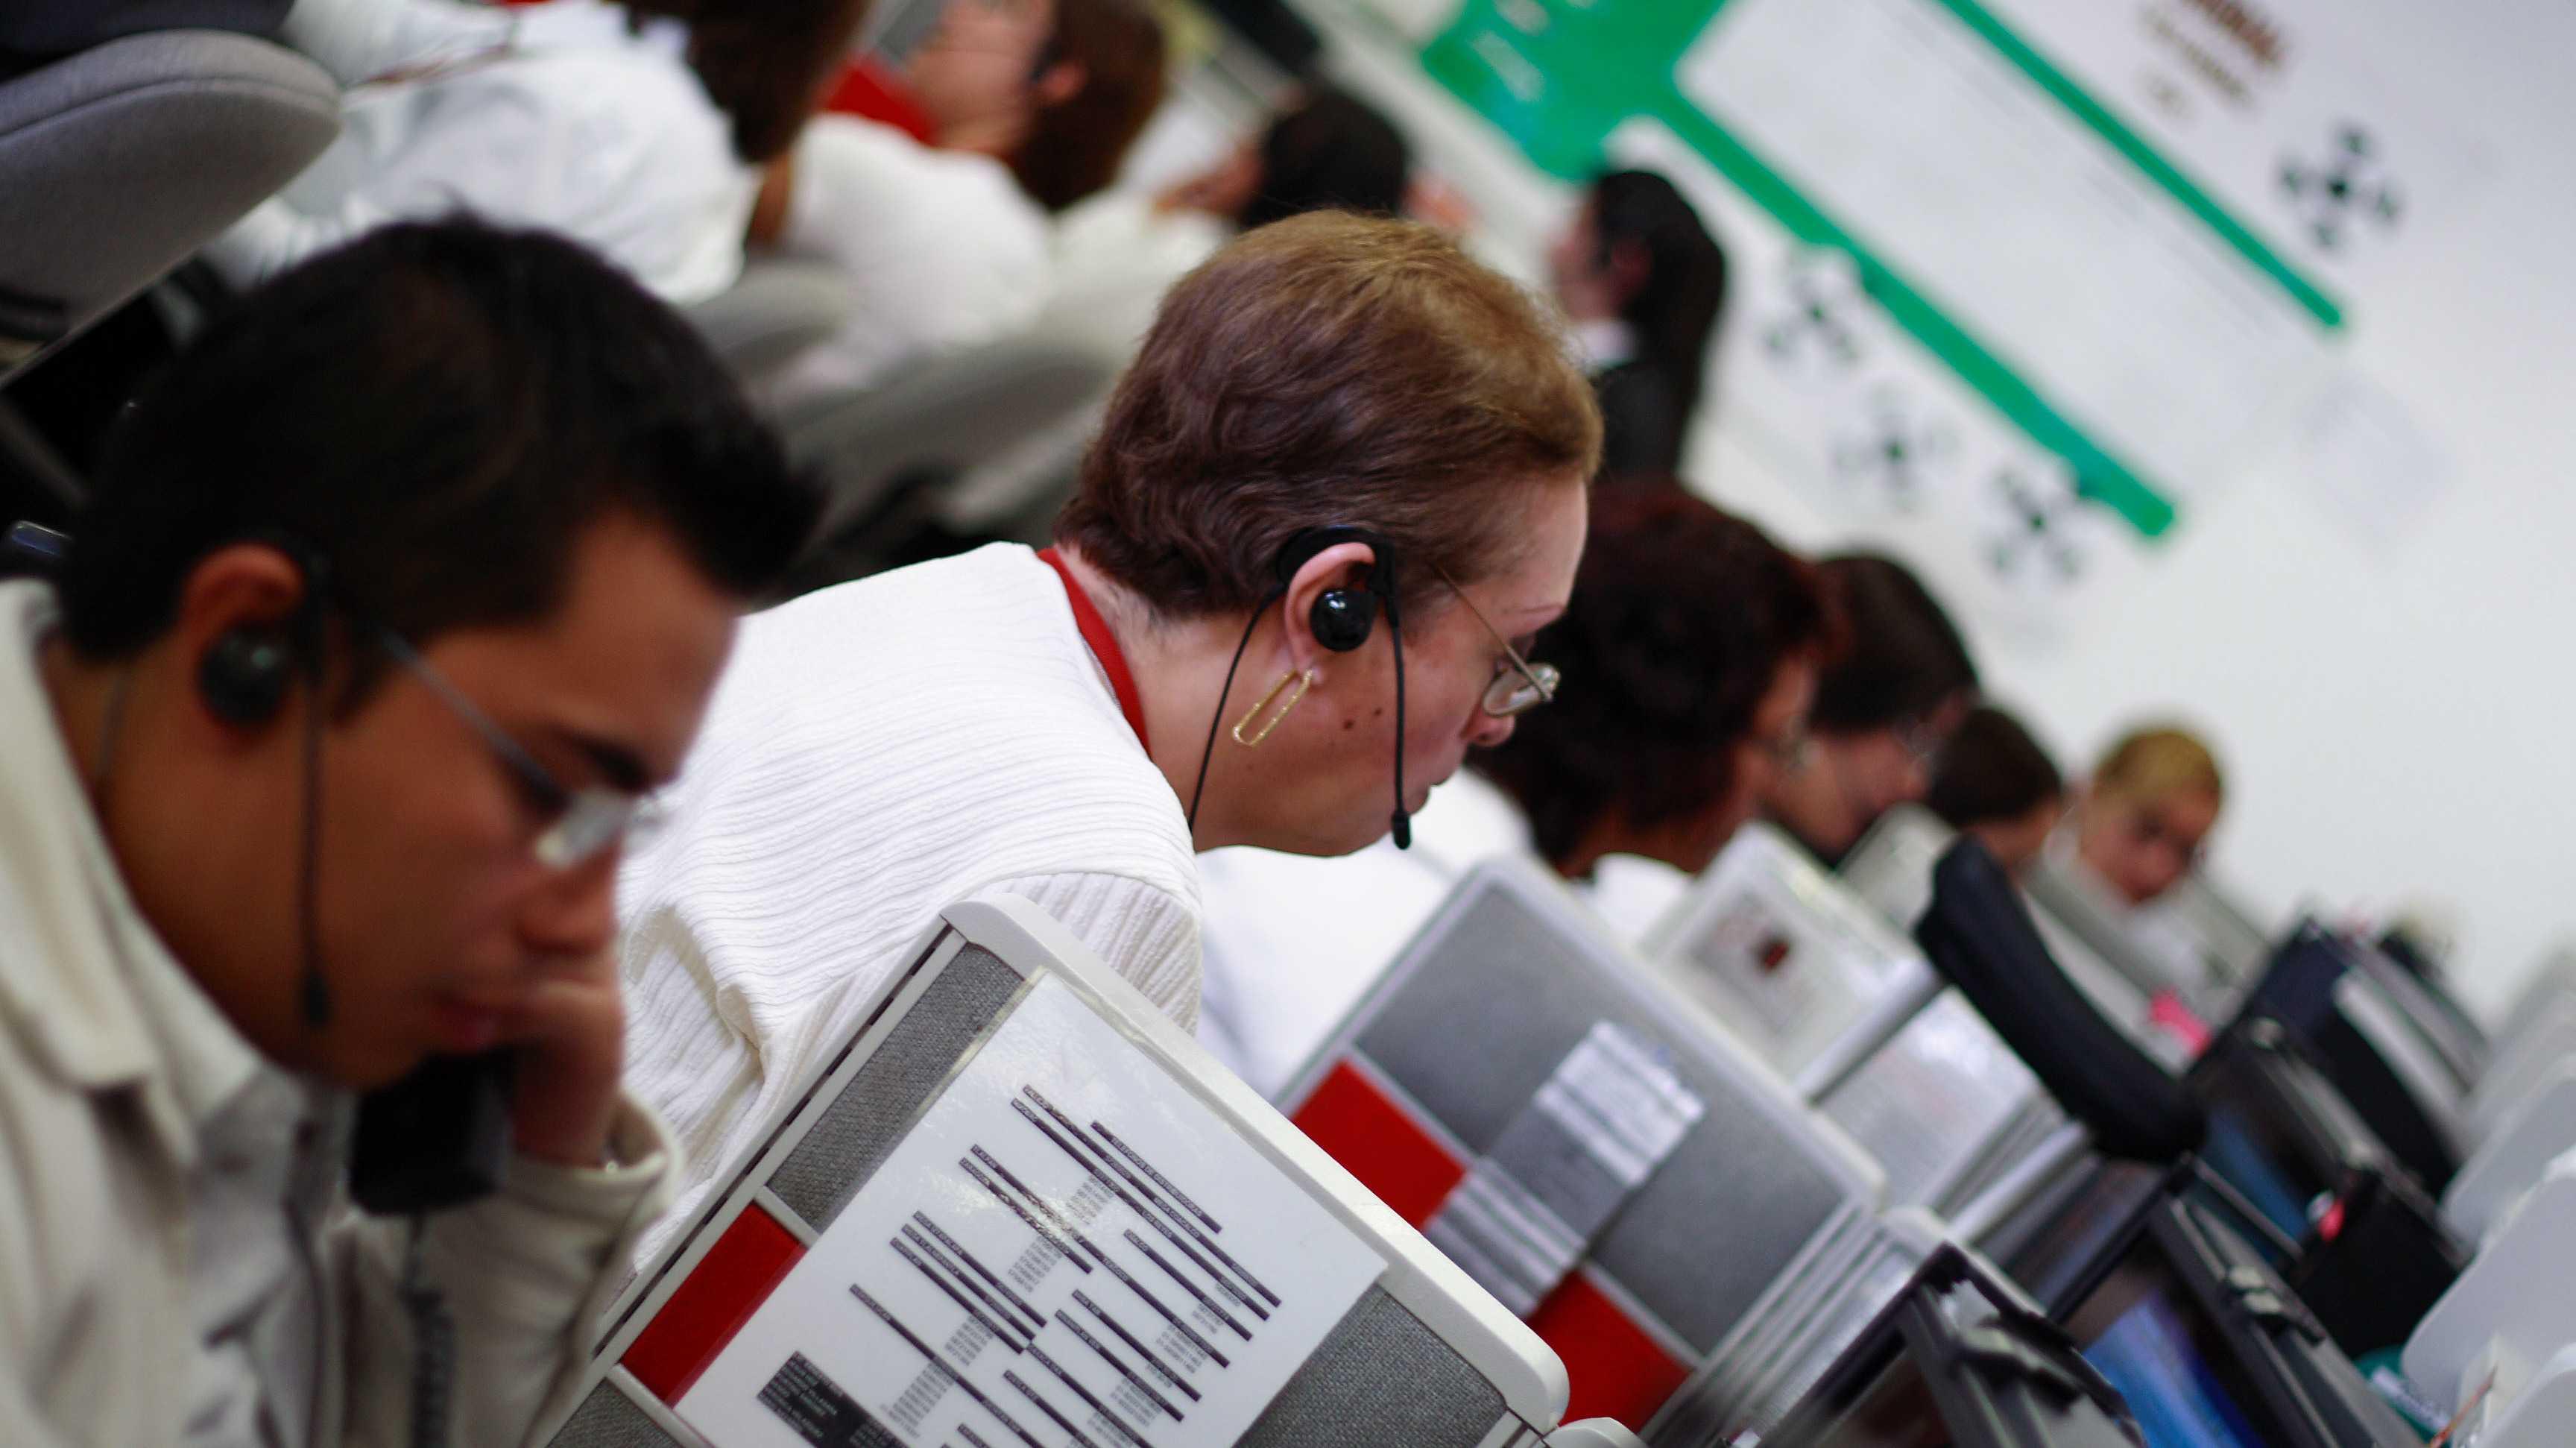 Studie: ITK-Branche steigt zum größten Industrie-Arbeitgeber auf